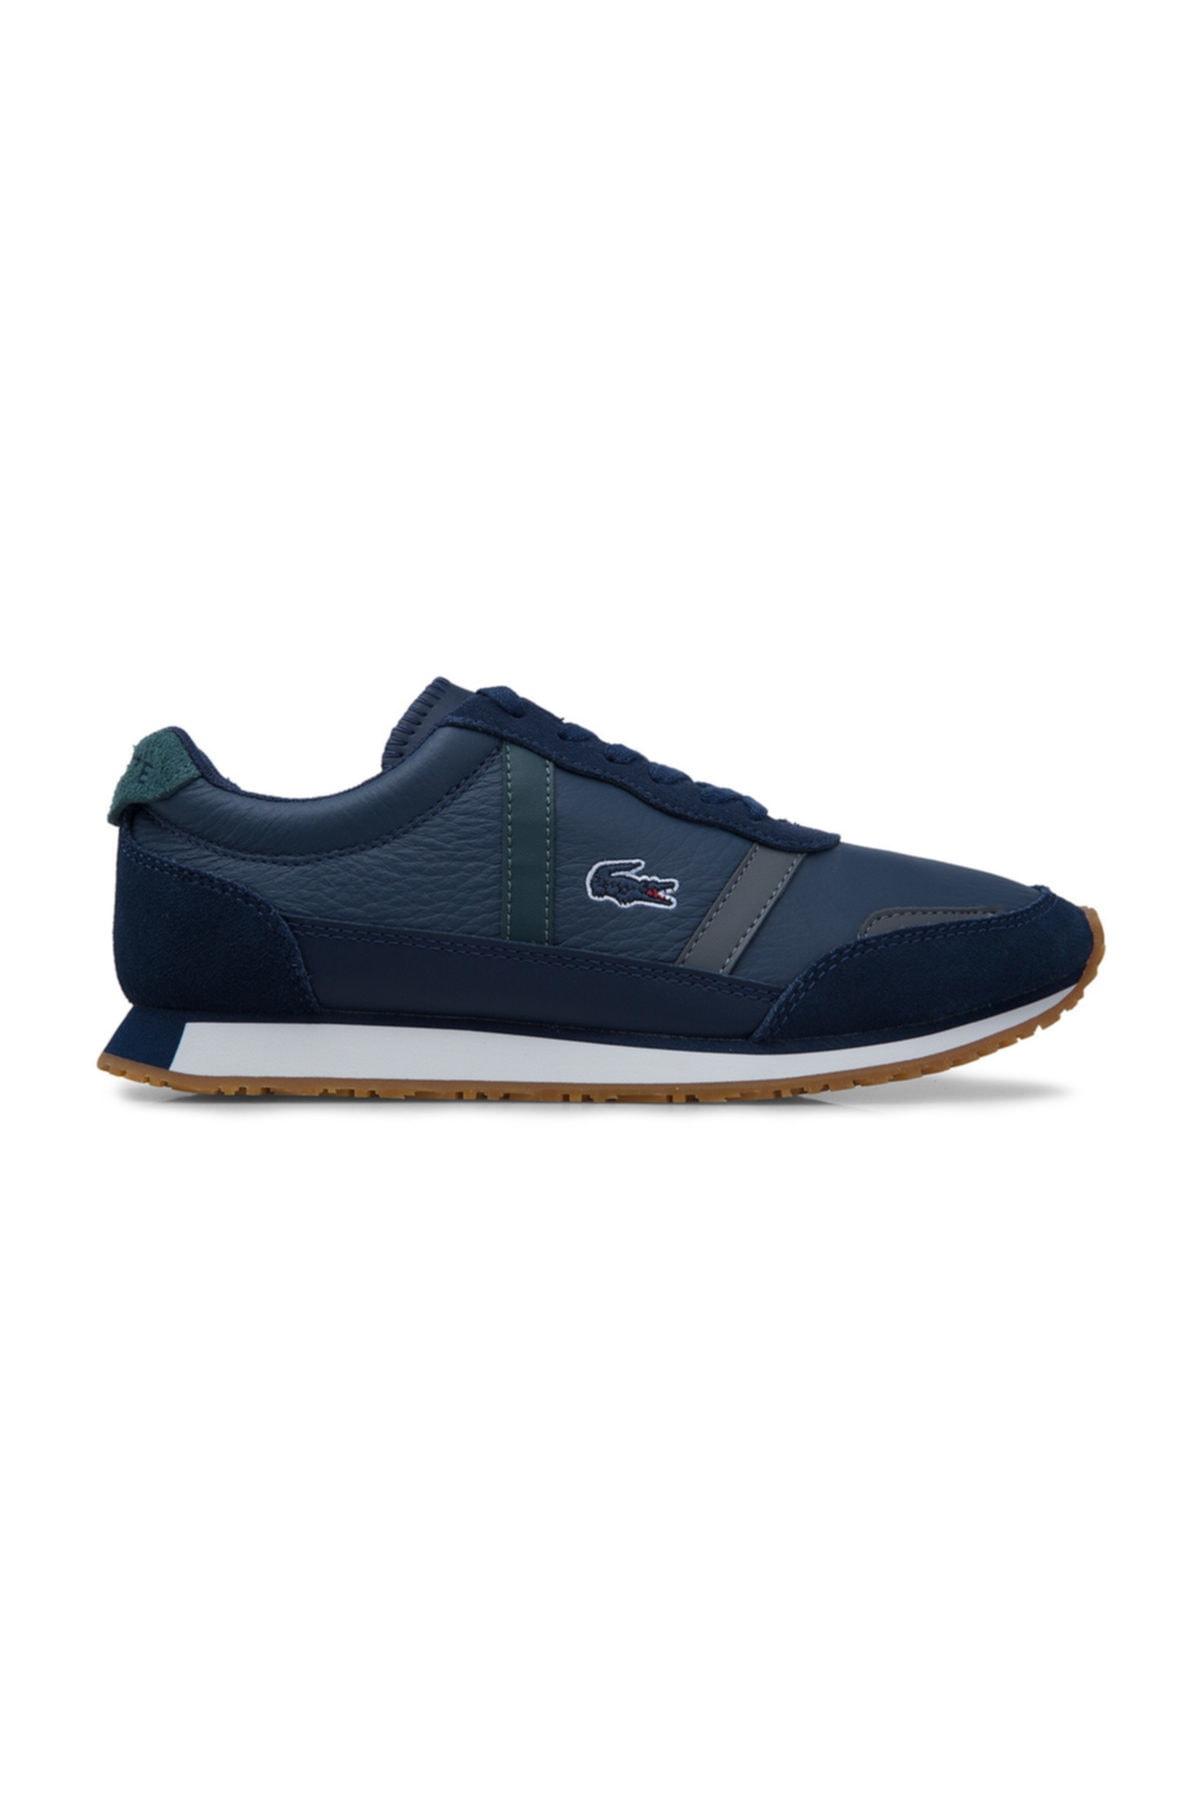 Partner Ayakkabı Lacivert  Kadın spor Ayakkabı 738sfa0027 8f7